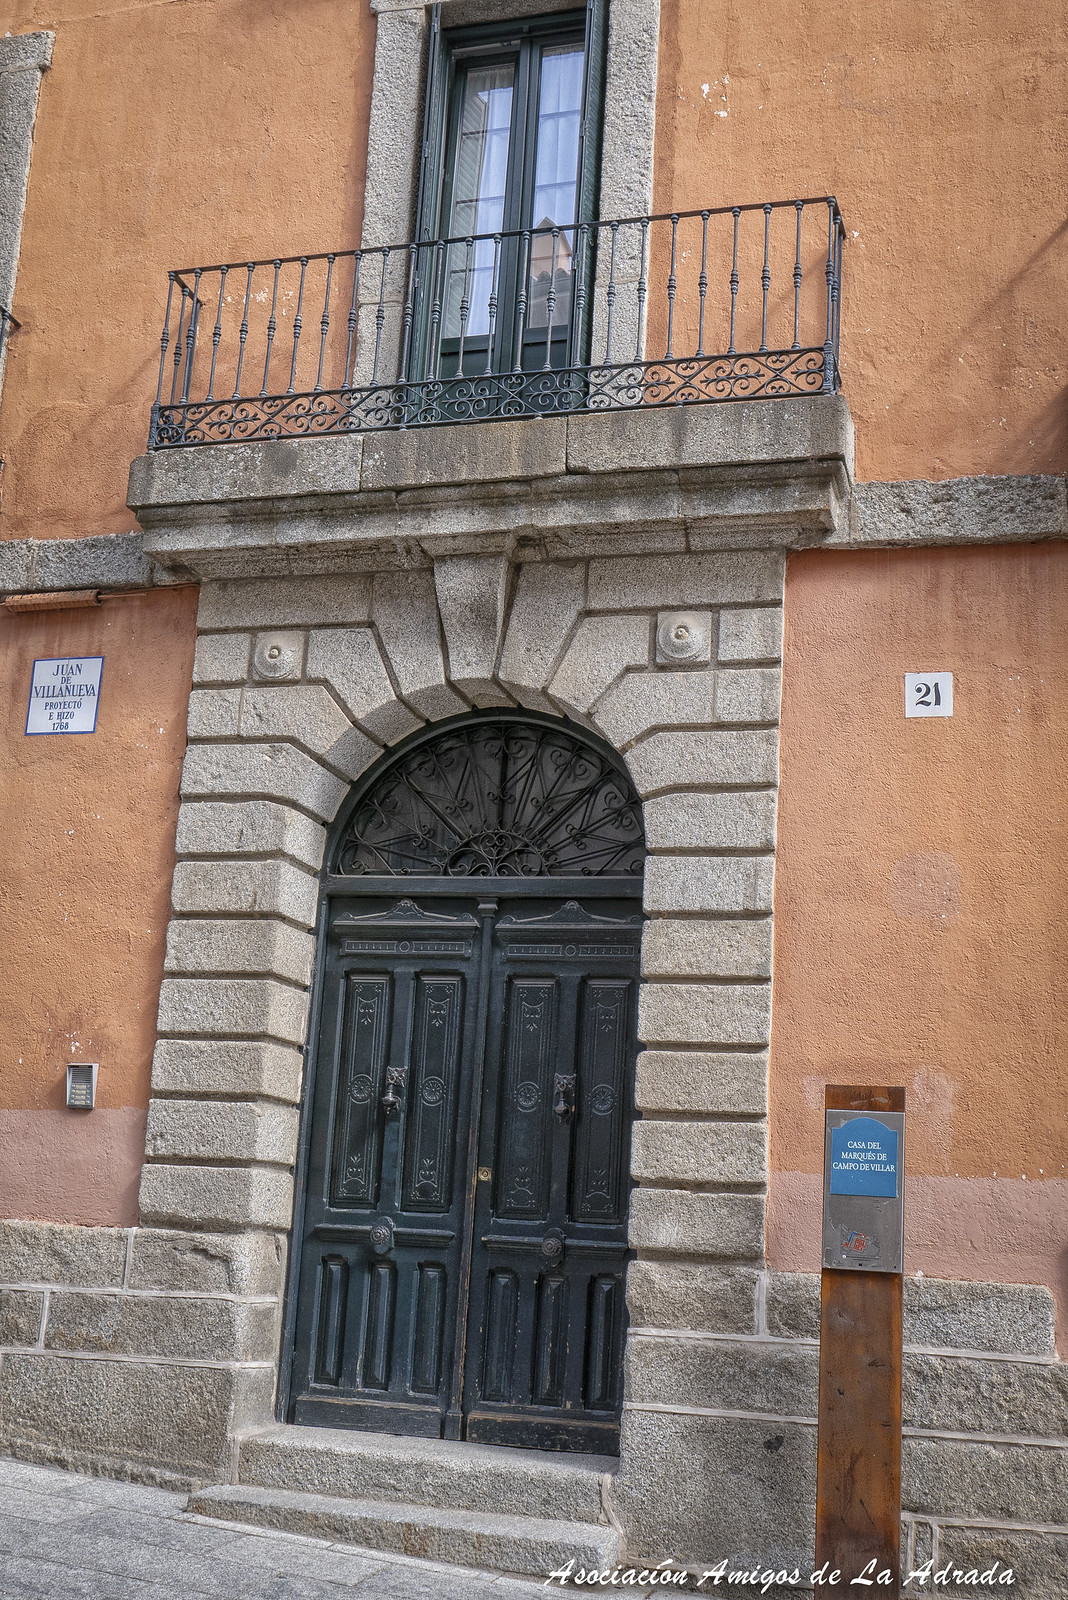 Casas-palacios construidas en época de Carlos III.